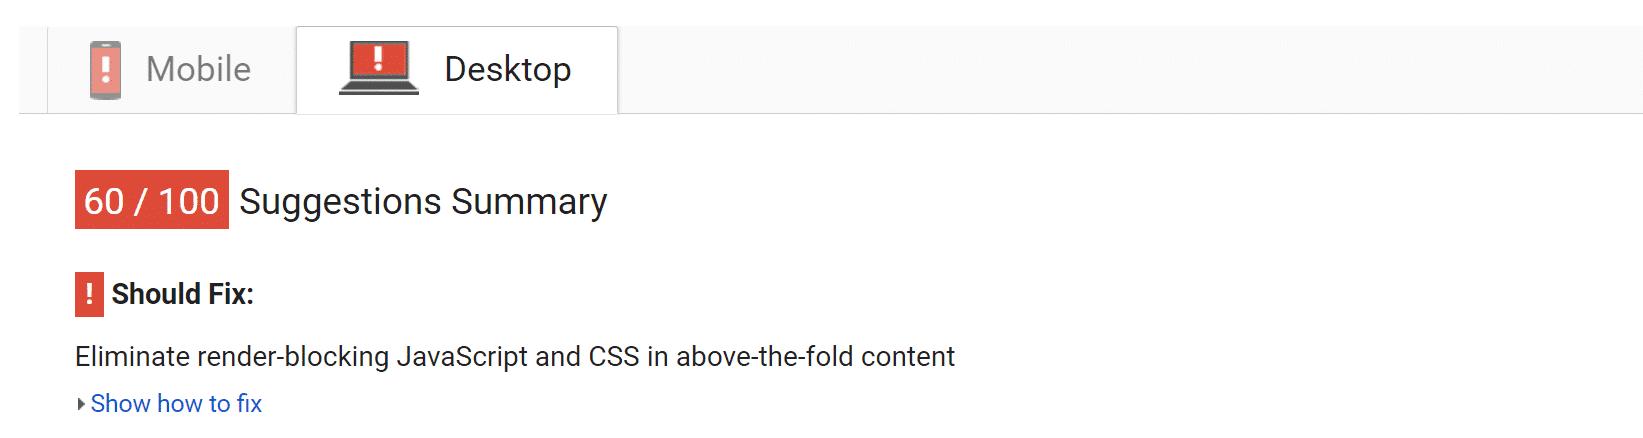 Éliminer le JavaScript et le CSS bloquant le rendu dans le contenu ci-dessus.